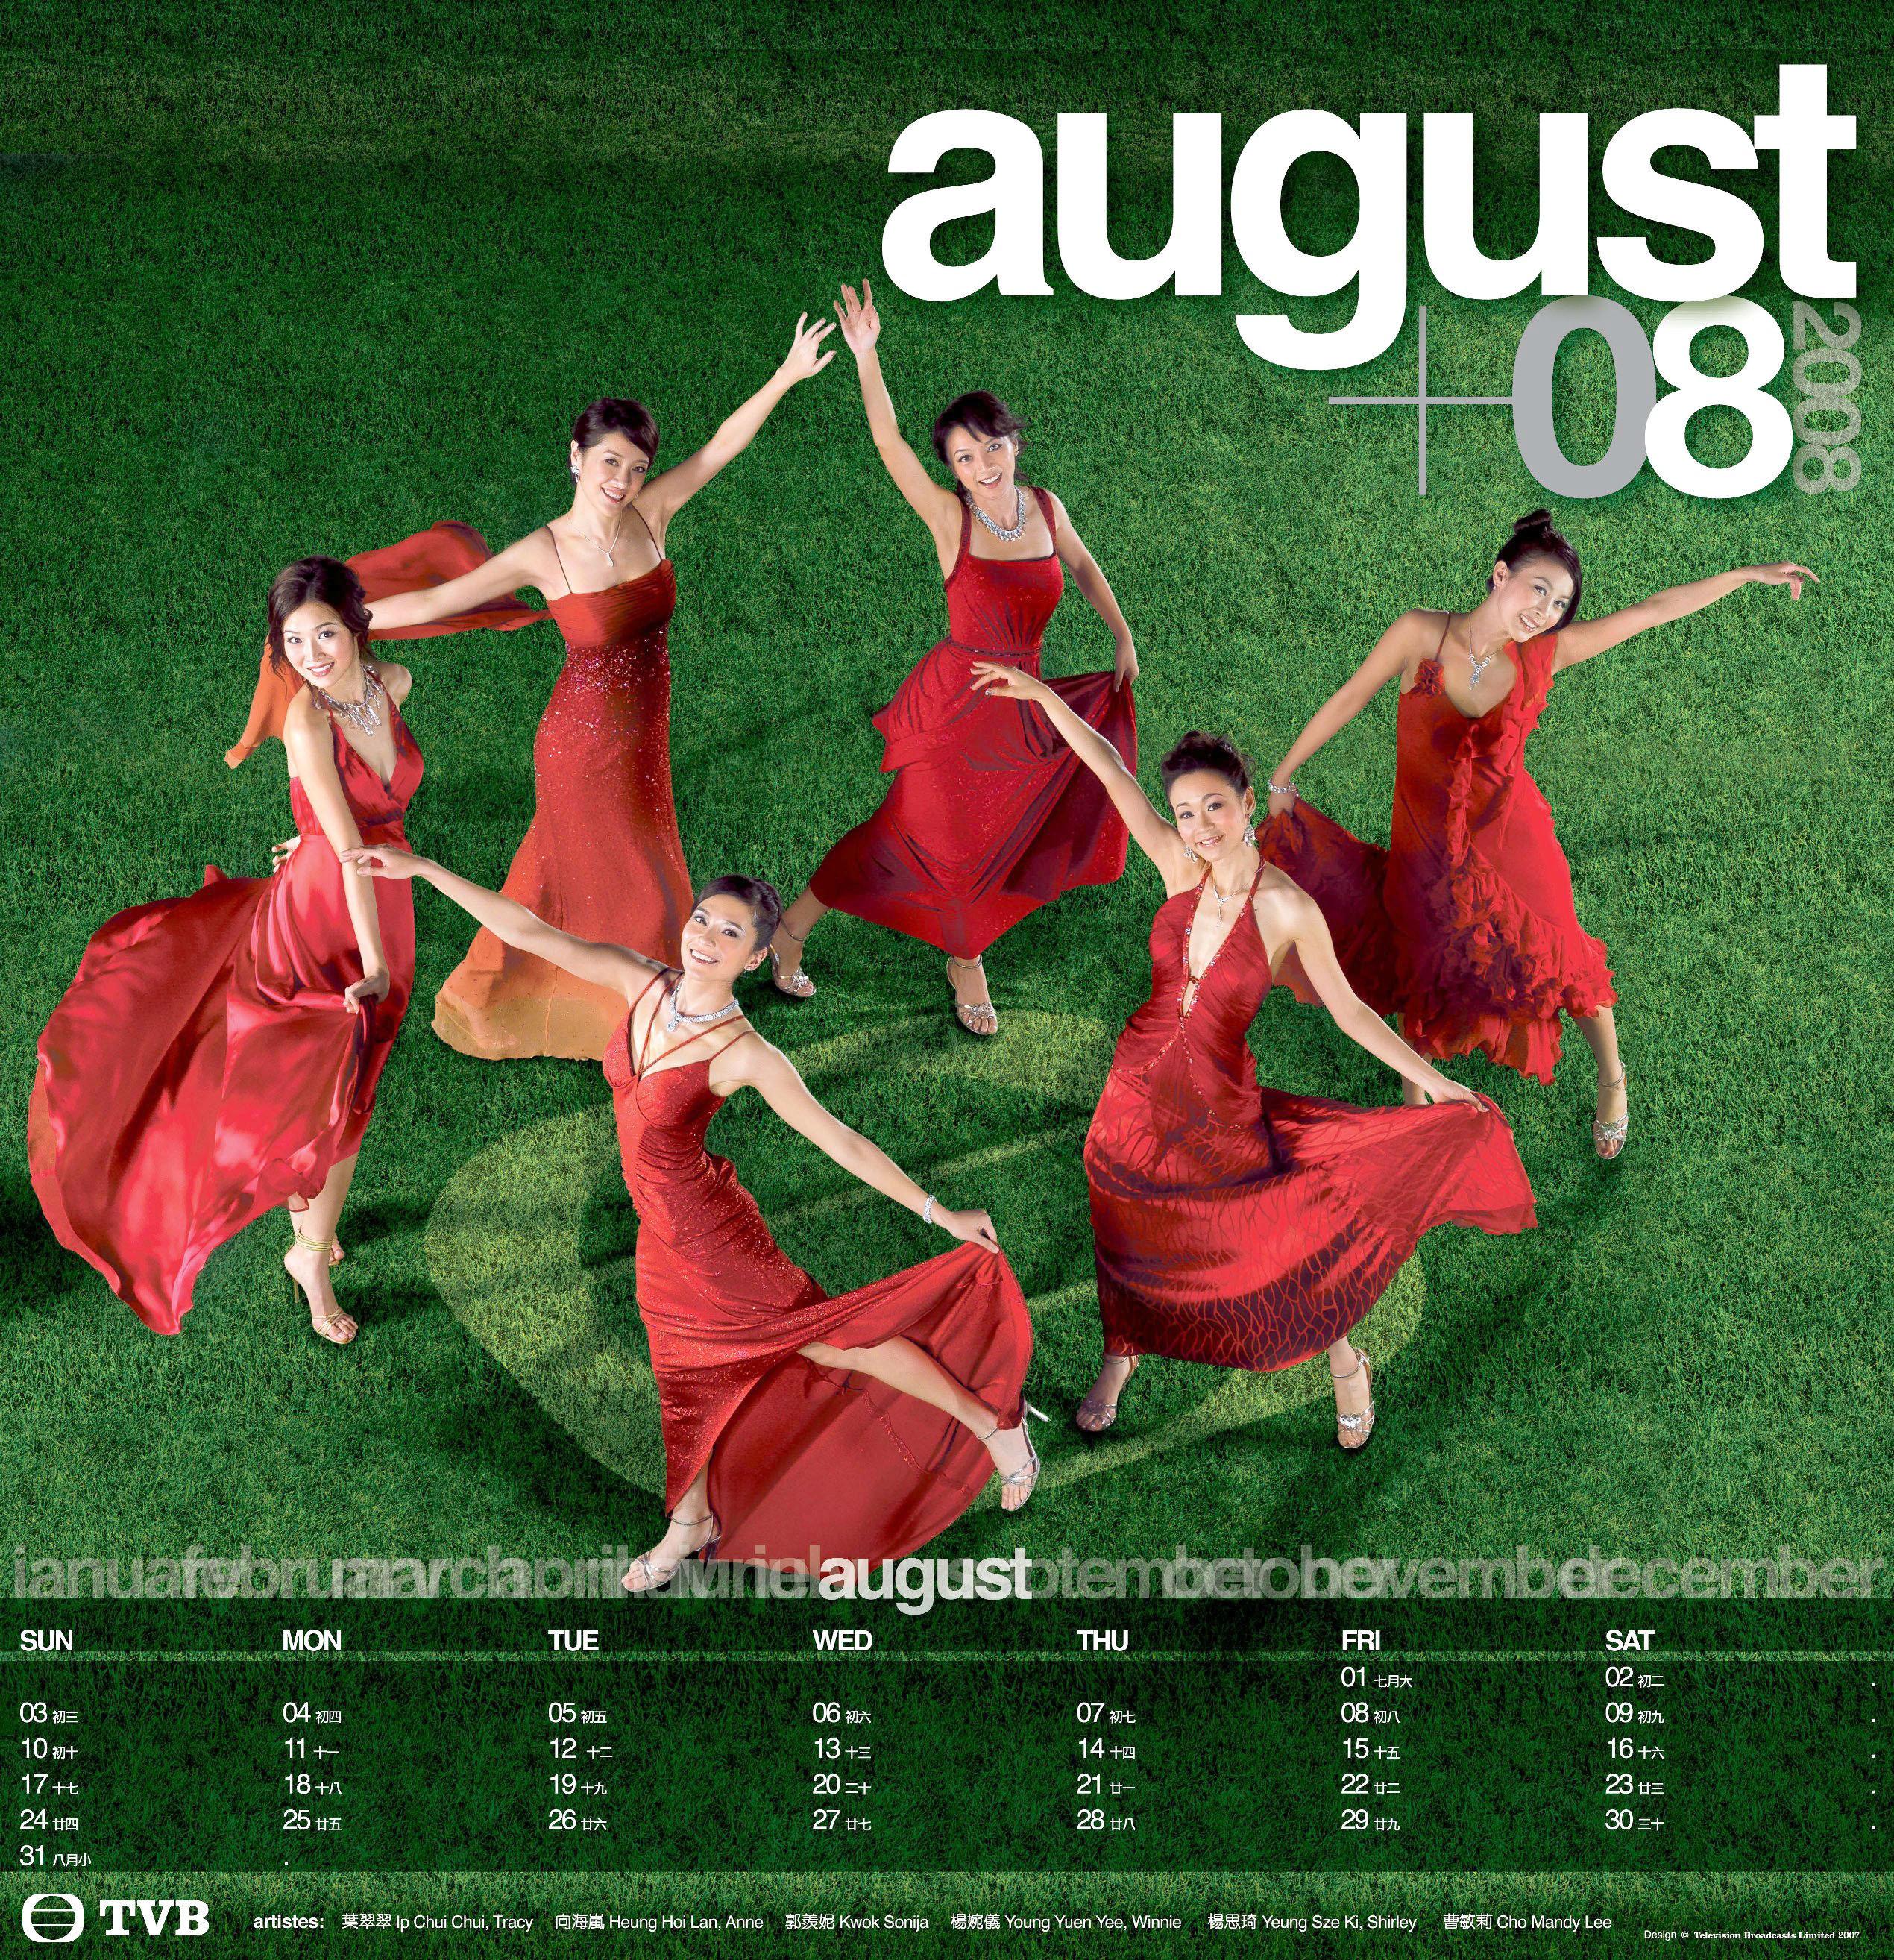 Hong Kong TVB calendar August 2008